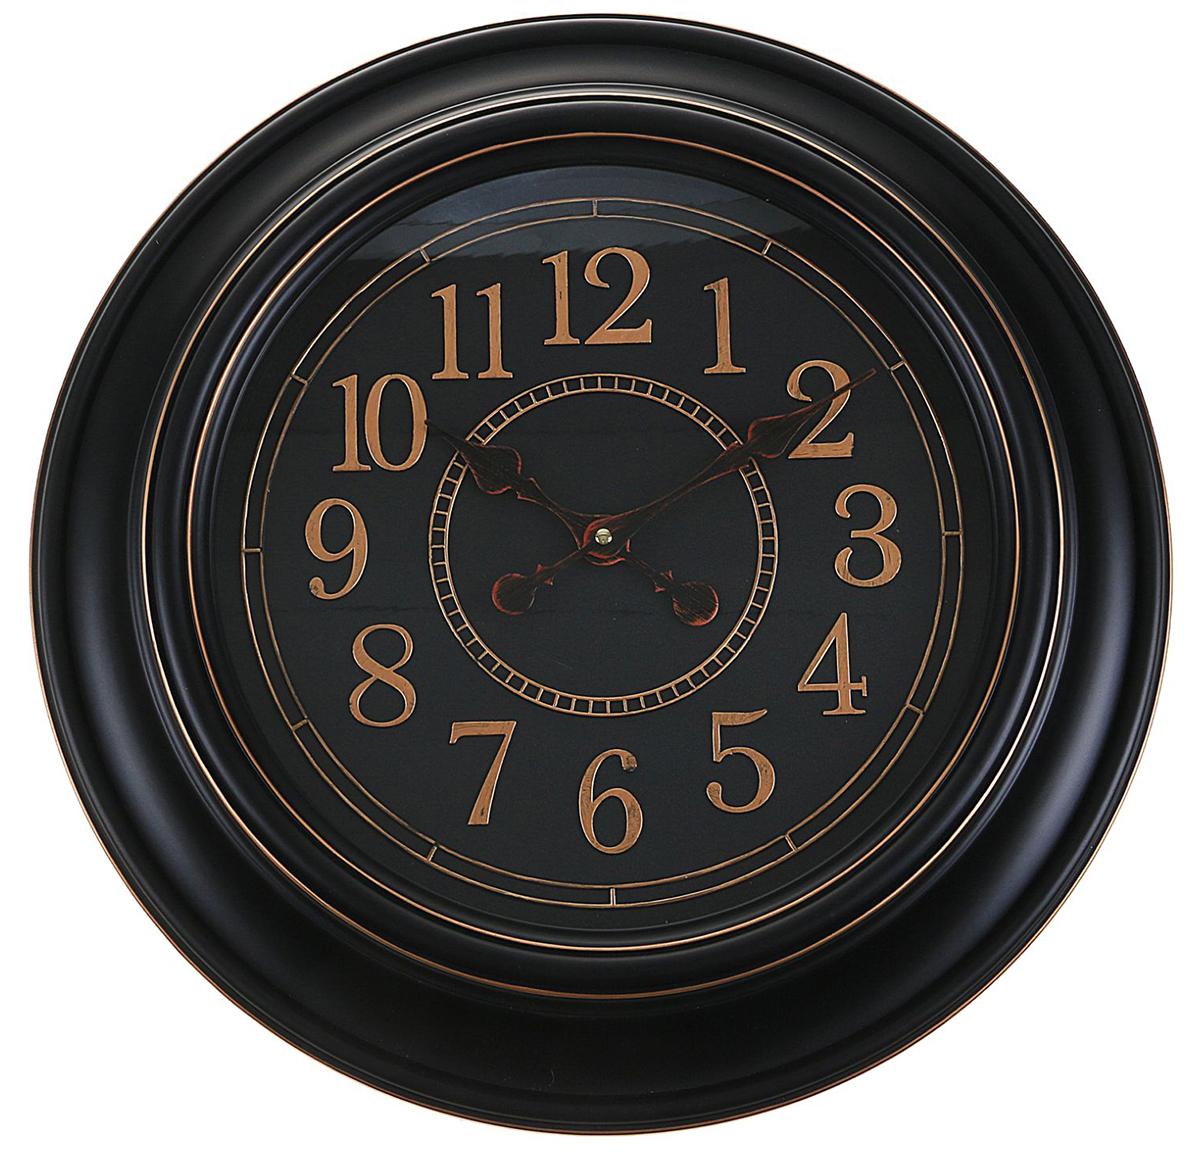 Часы настенные интерьерные BlacknGold, 50 х 50 см2306973Каждому хозяину периодически приходит мысль обновить свою квартиру, сделать ремонт, перестановку или кардинально поменять внешний вид каждой комнаты. — привлекательная деталь, которая поможет воплотить вашу интерьерную идею, создать неповторимую атмосферу в вашем доме. Окружите себя приятными мелочами, пусть они радуют глаз и дарят гармонию.Часы настенные интерьерные BlacknGold, 50*6*50см 2306973